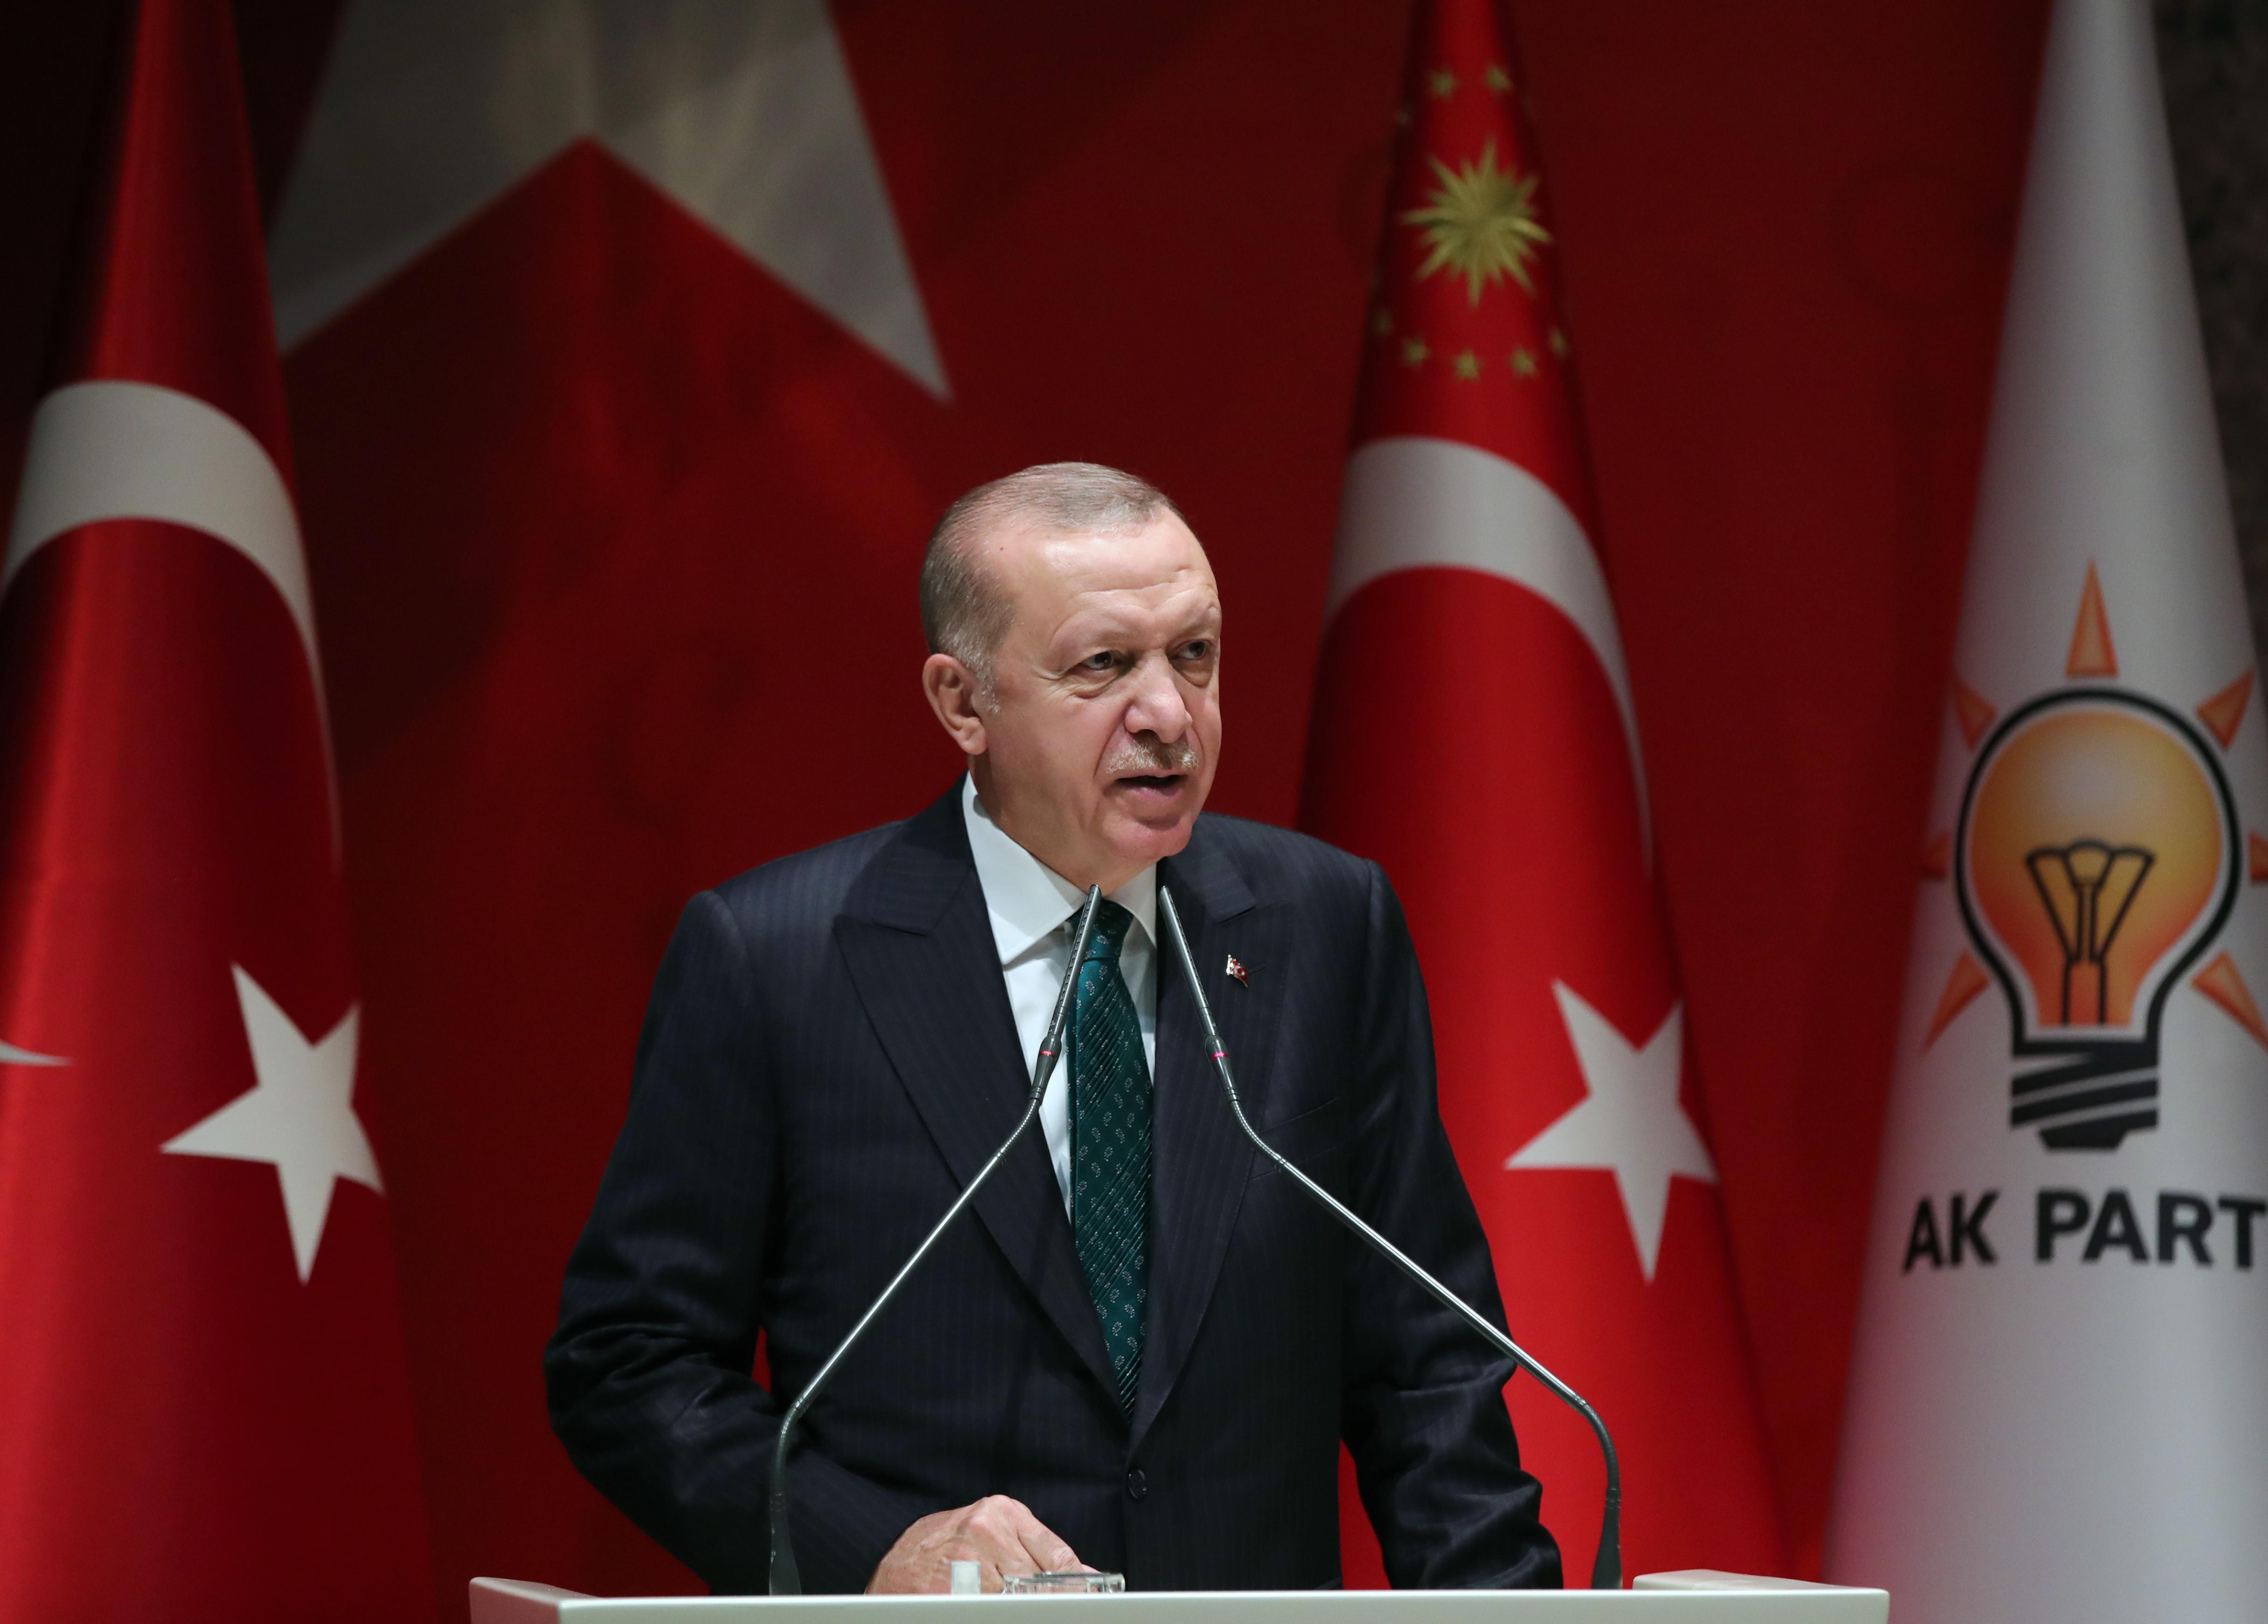 Cumhurbaşkanı Erdoğan duyurdu: Bayram ikramiyelerinin ilk ödemesi Mayıs'ın ilk haftası başlıyor!